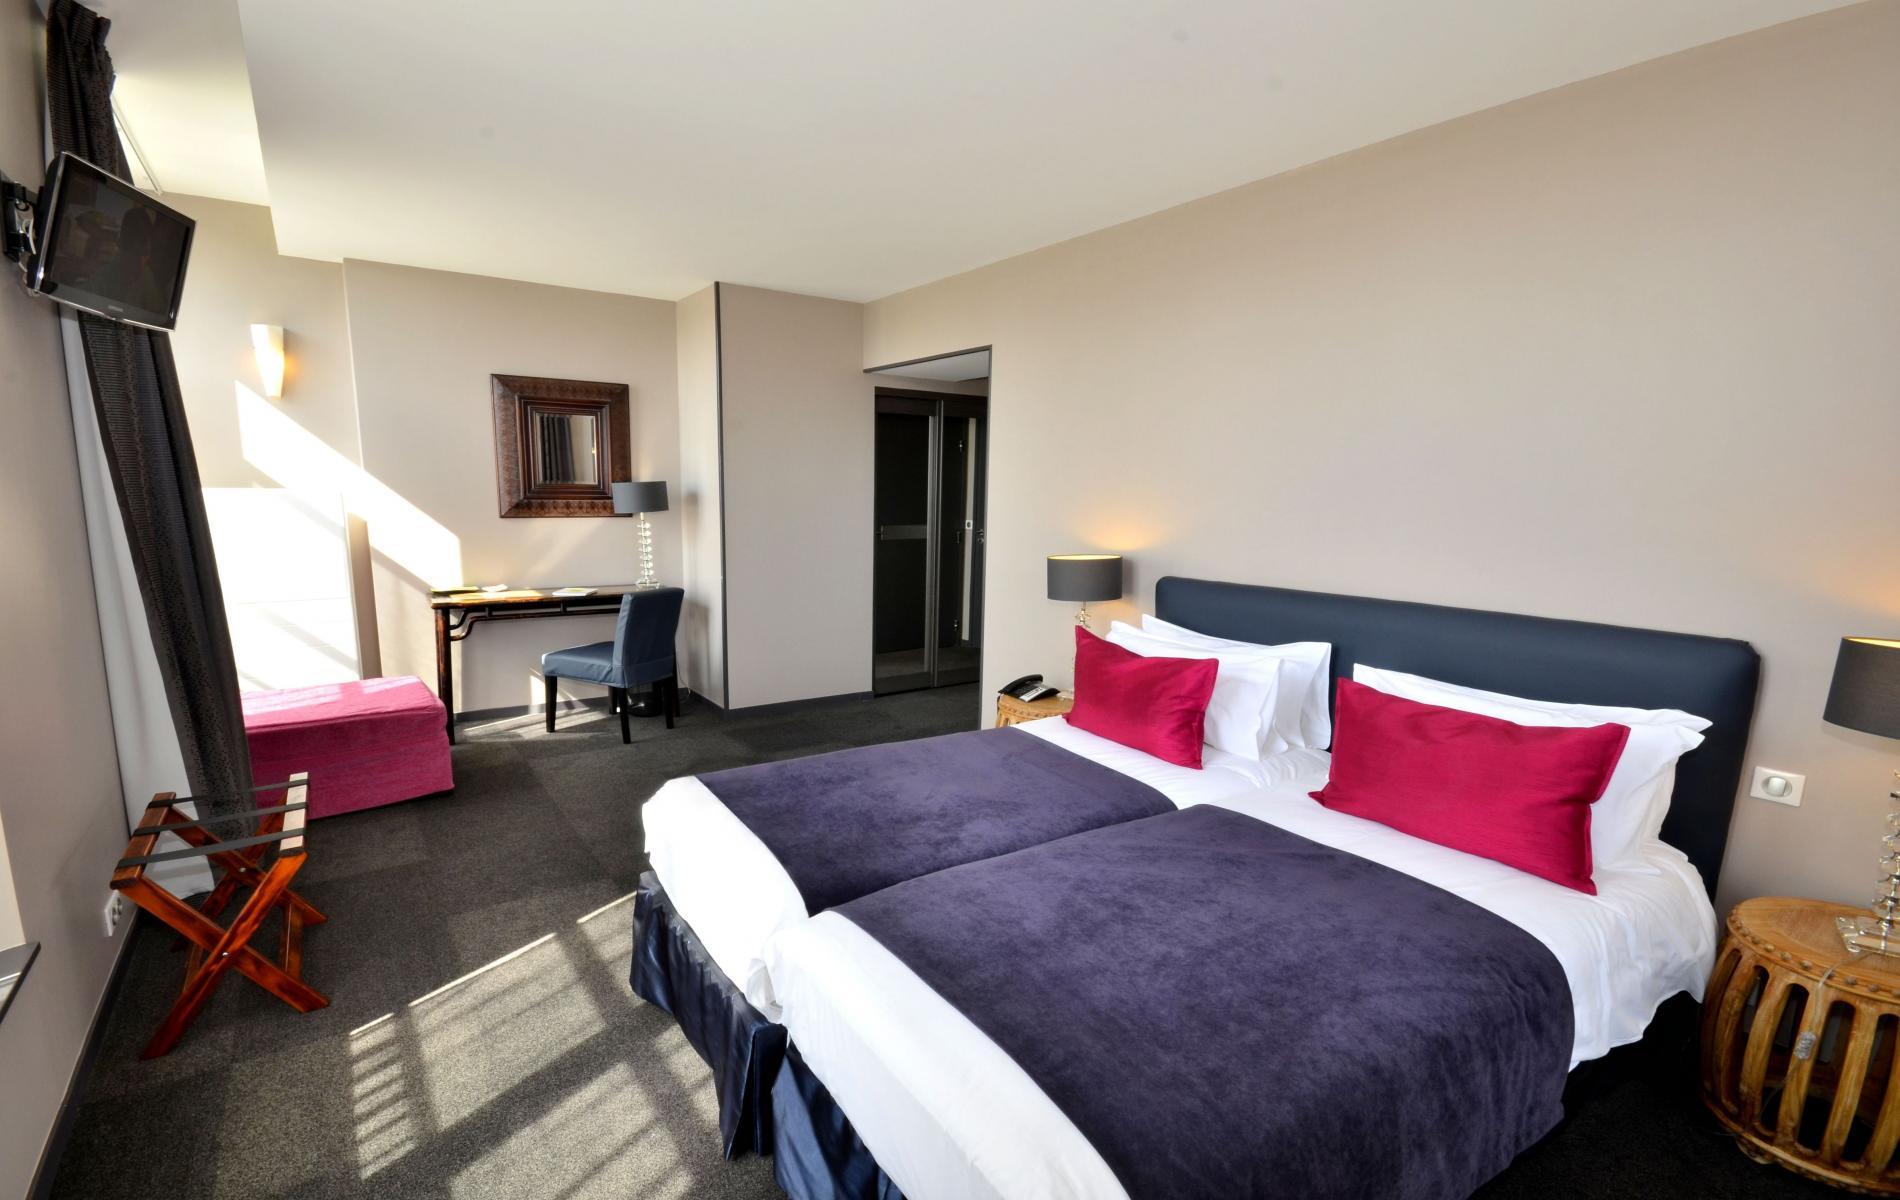 hotel roissy l 39 auberge du chateau bleu h tel de charme id alement situ pr s de l 39 a roport. Black Bedroom Furniture Sets. Home Design Ideas